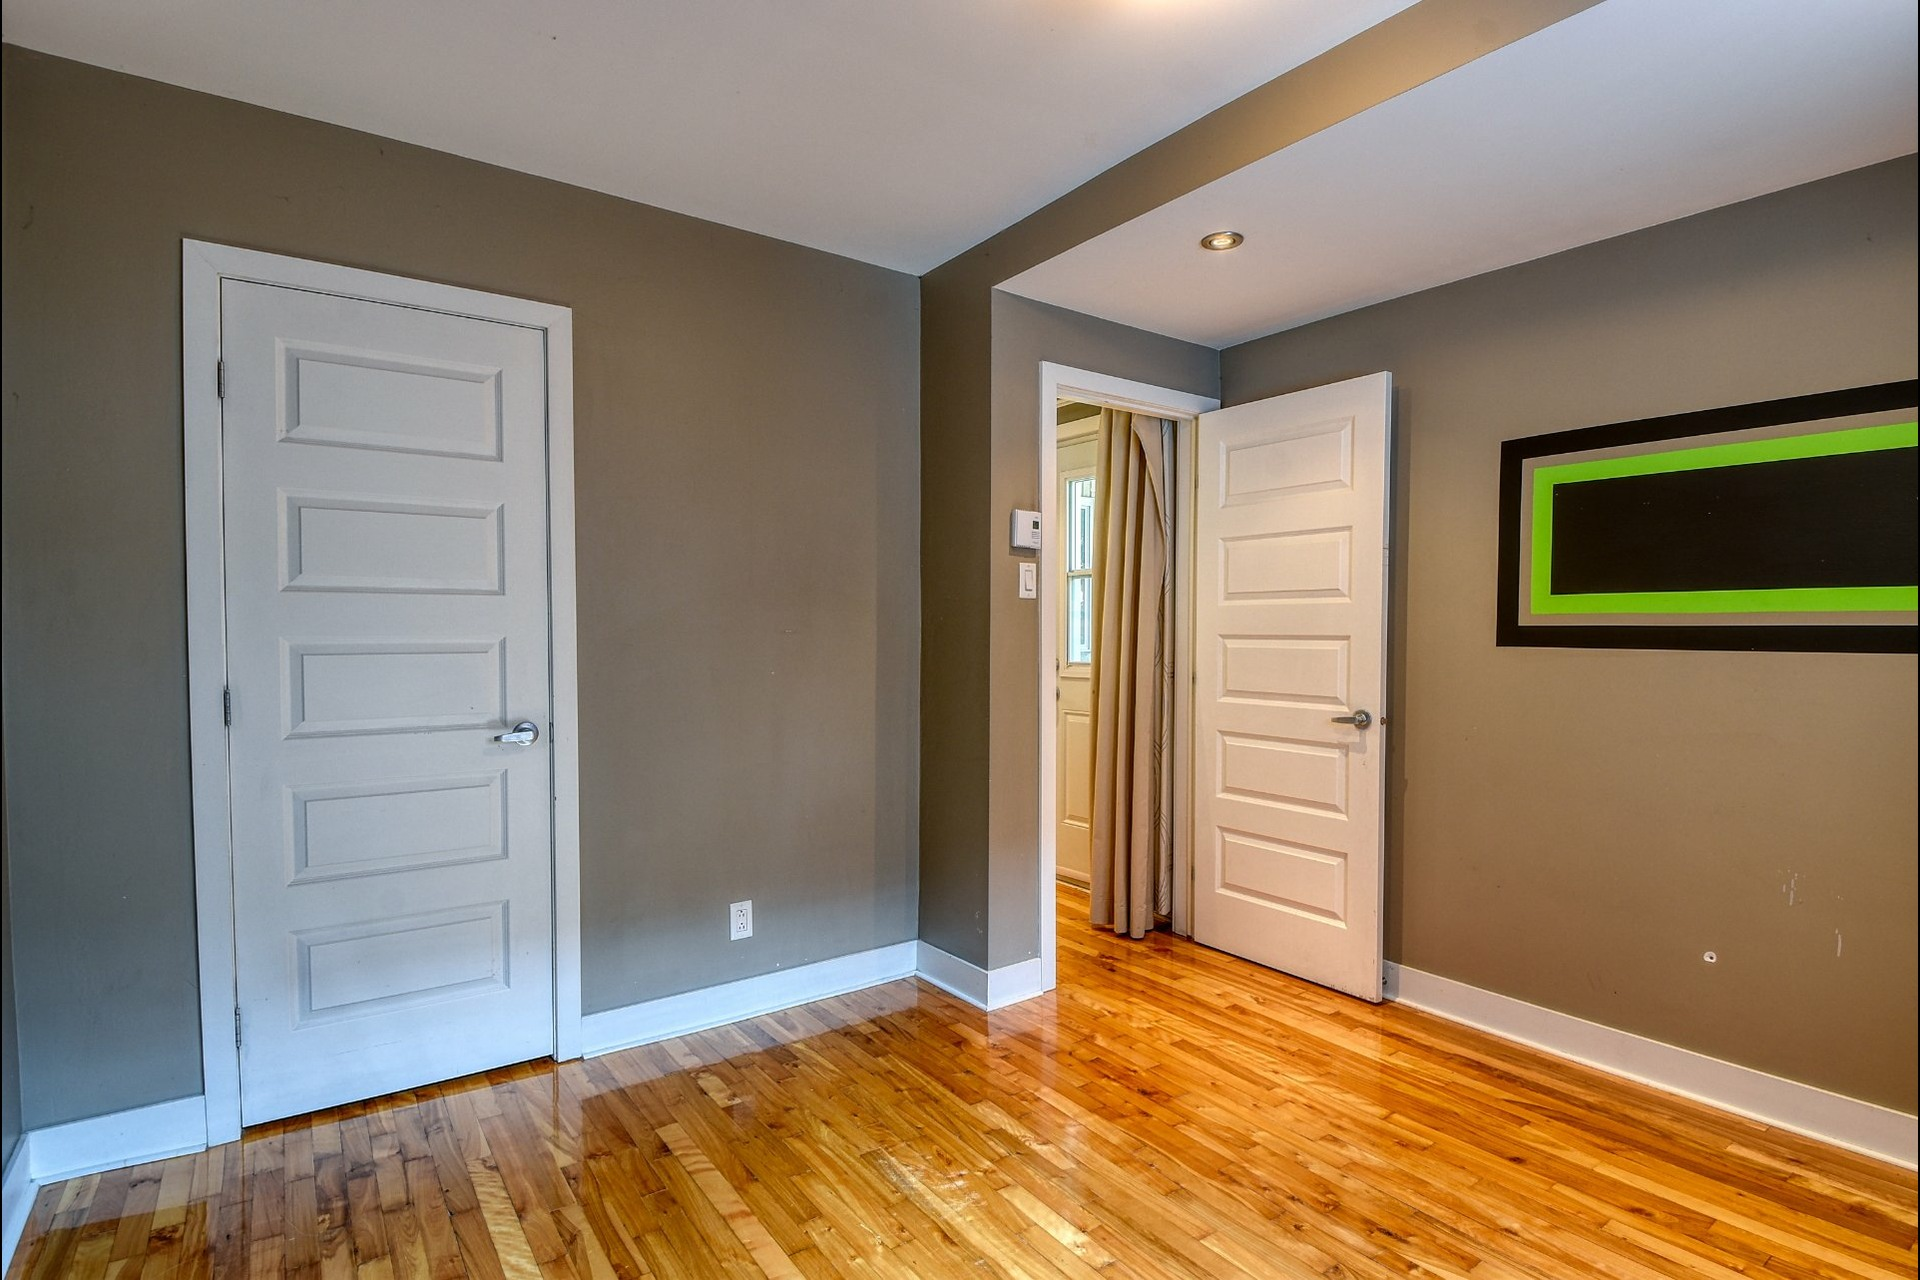 image 10 - Apartment For sale Mercier/Hochelaga-Maisonneuve Montréal  - 4 rooms